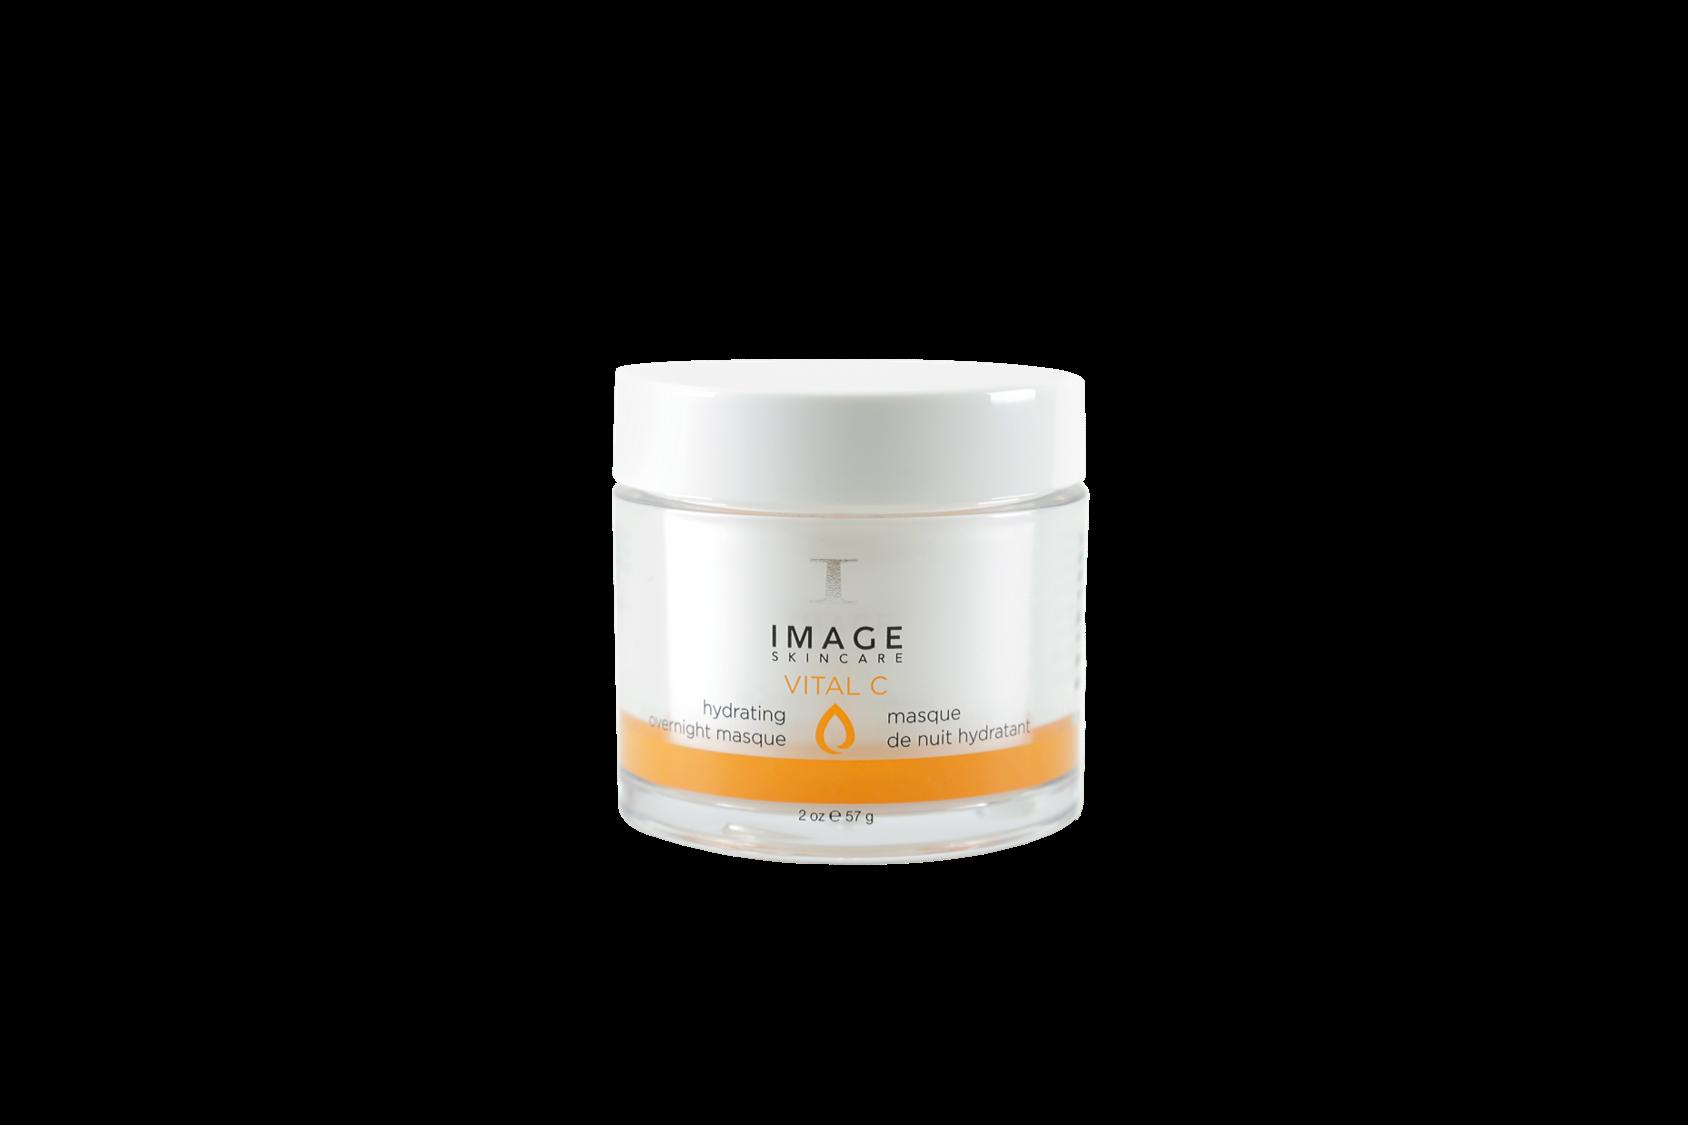 Image Skincare, Serie Vital C – jedes Produkt ein Frischekick für trockene, fahle und sensible Haut - Maske